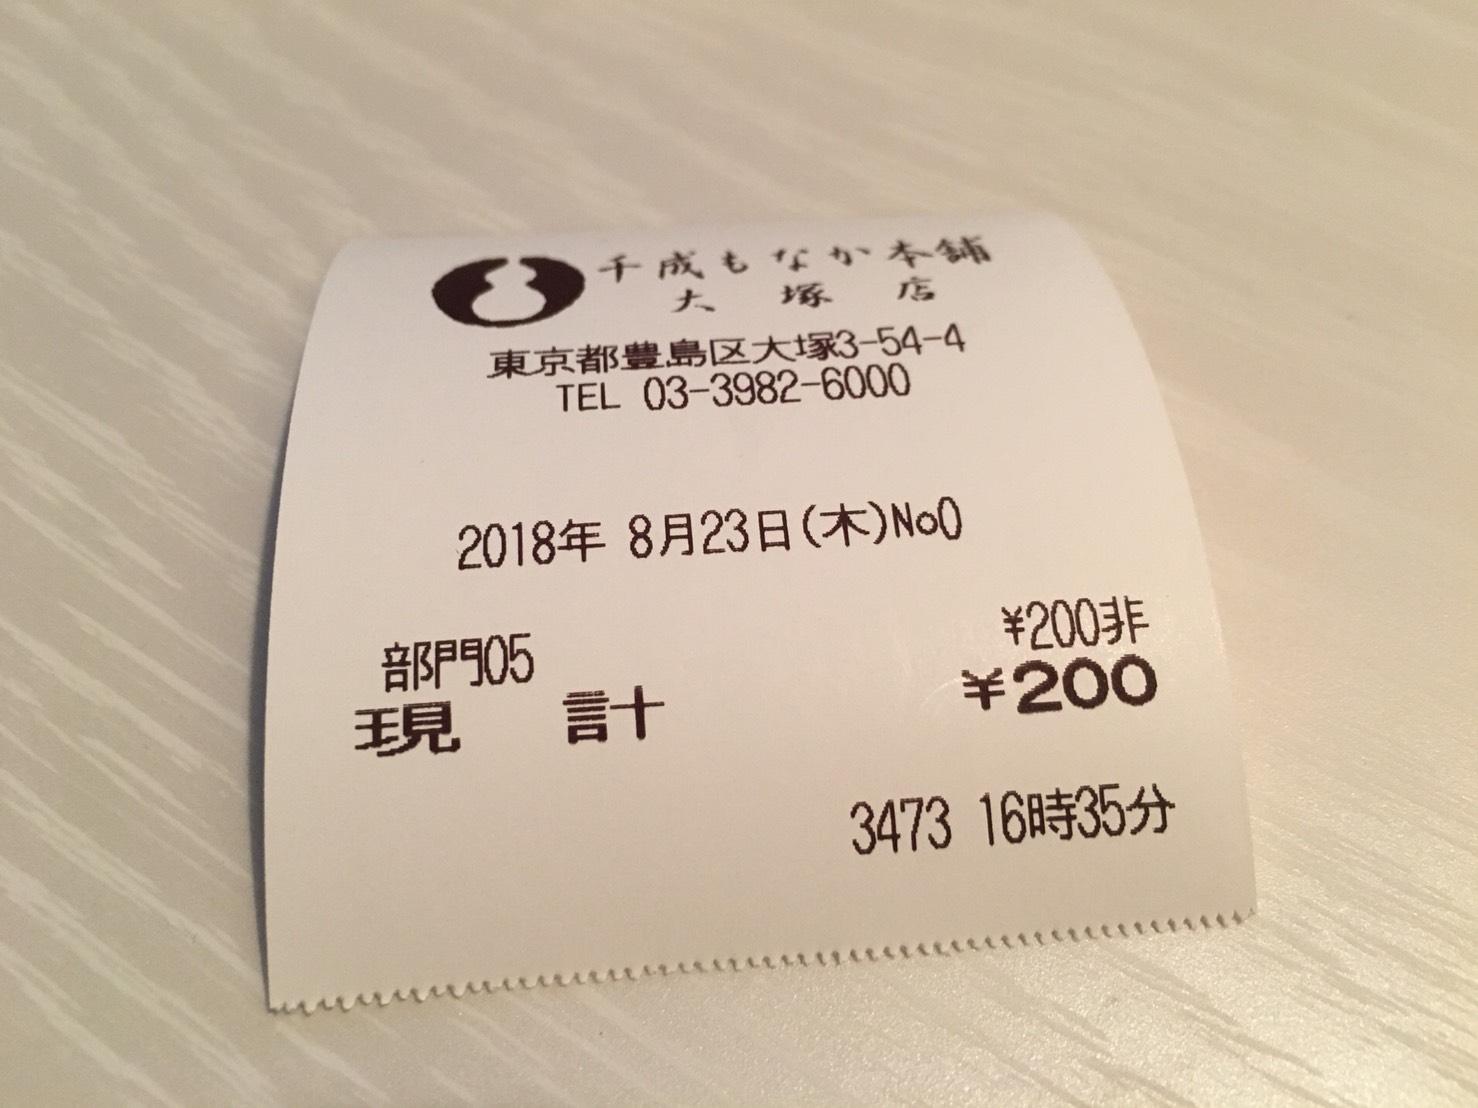 【大塚駅】もなか屋さん「千成もなか本舗」の200円のパンケーキのレシート